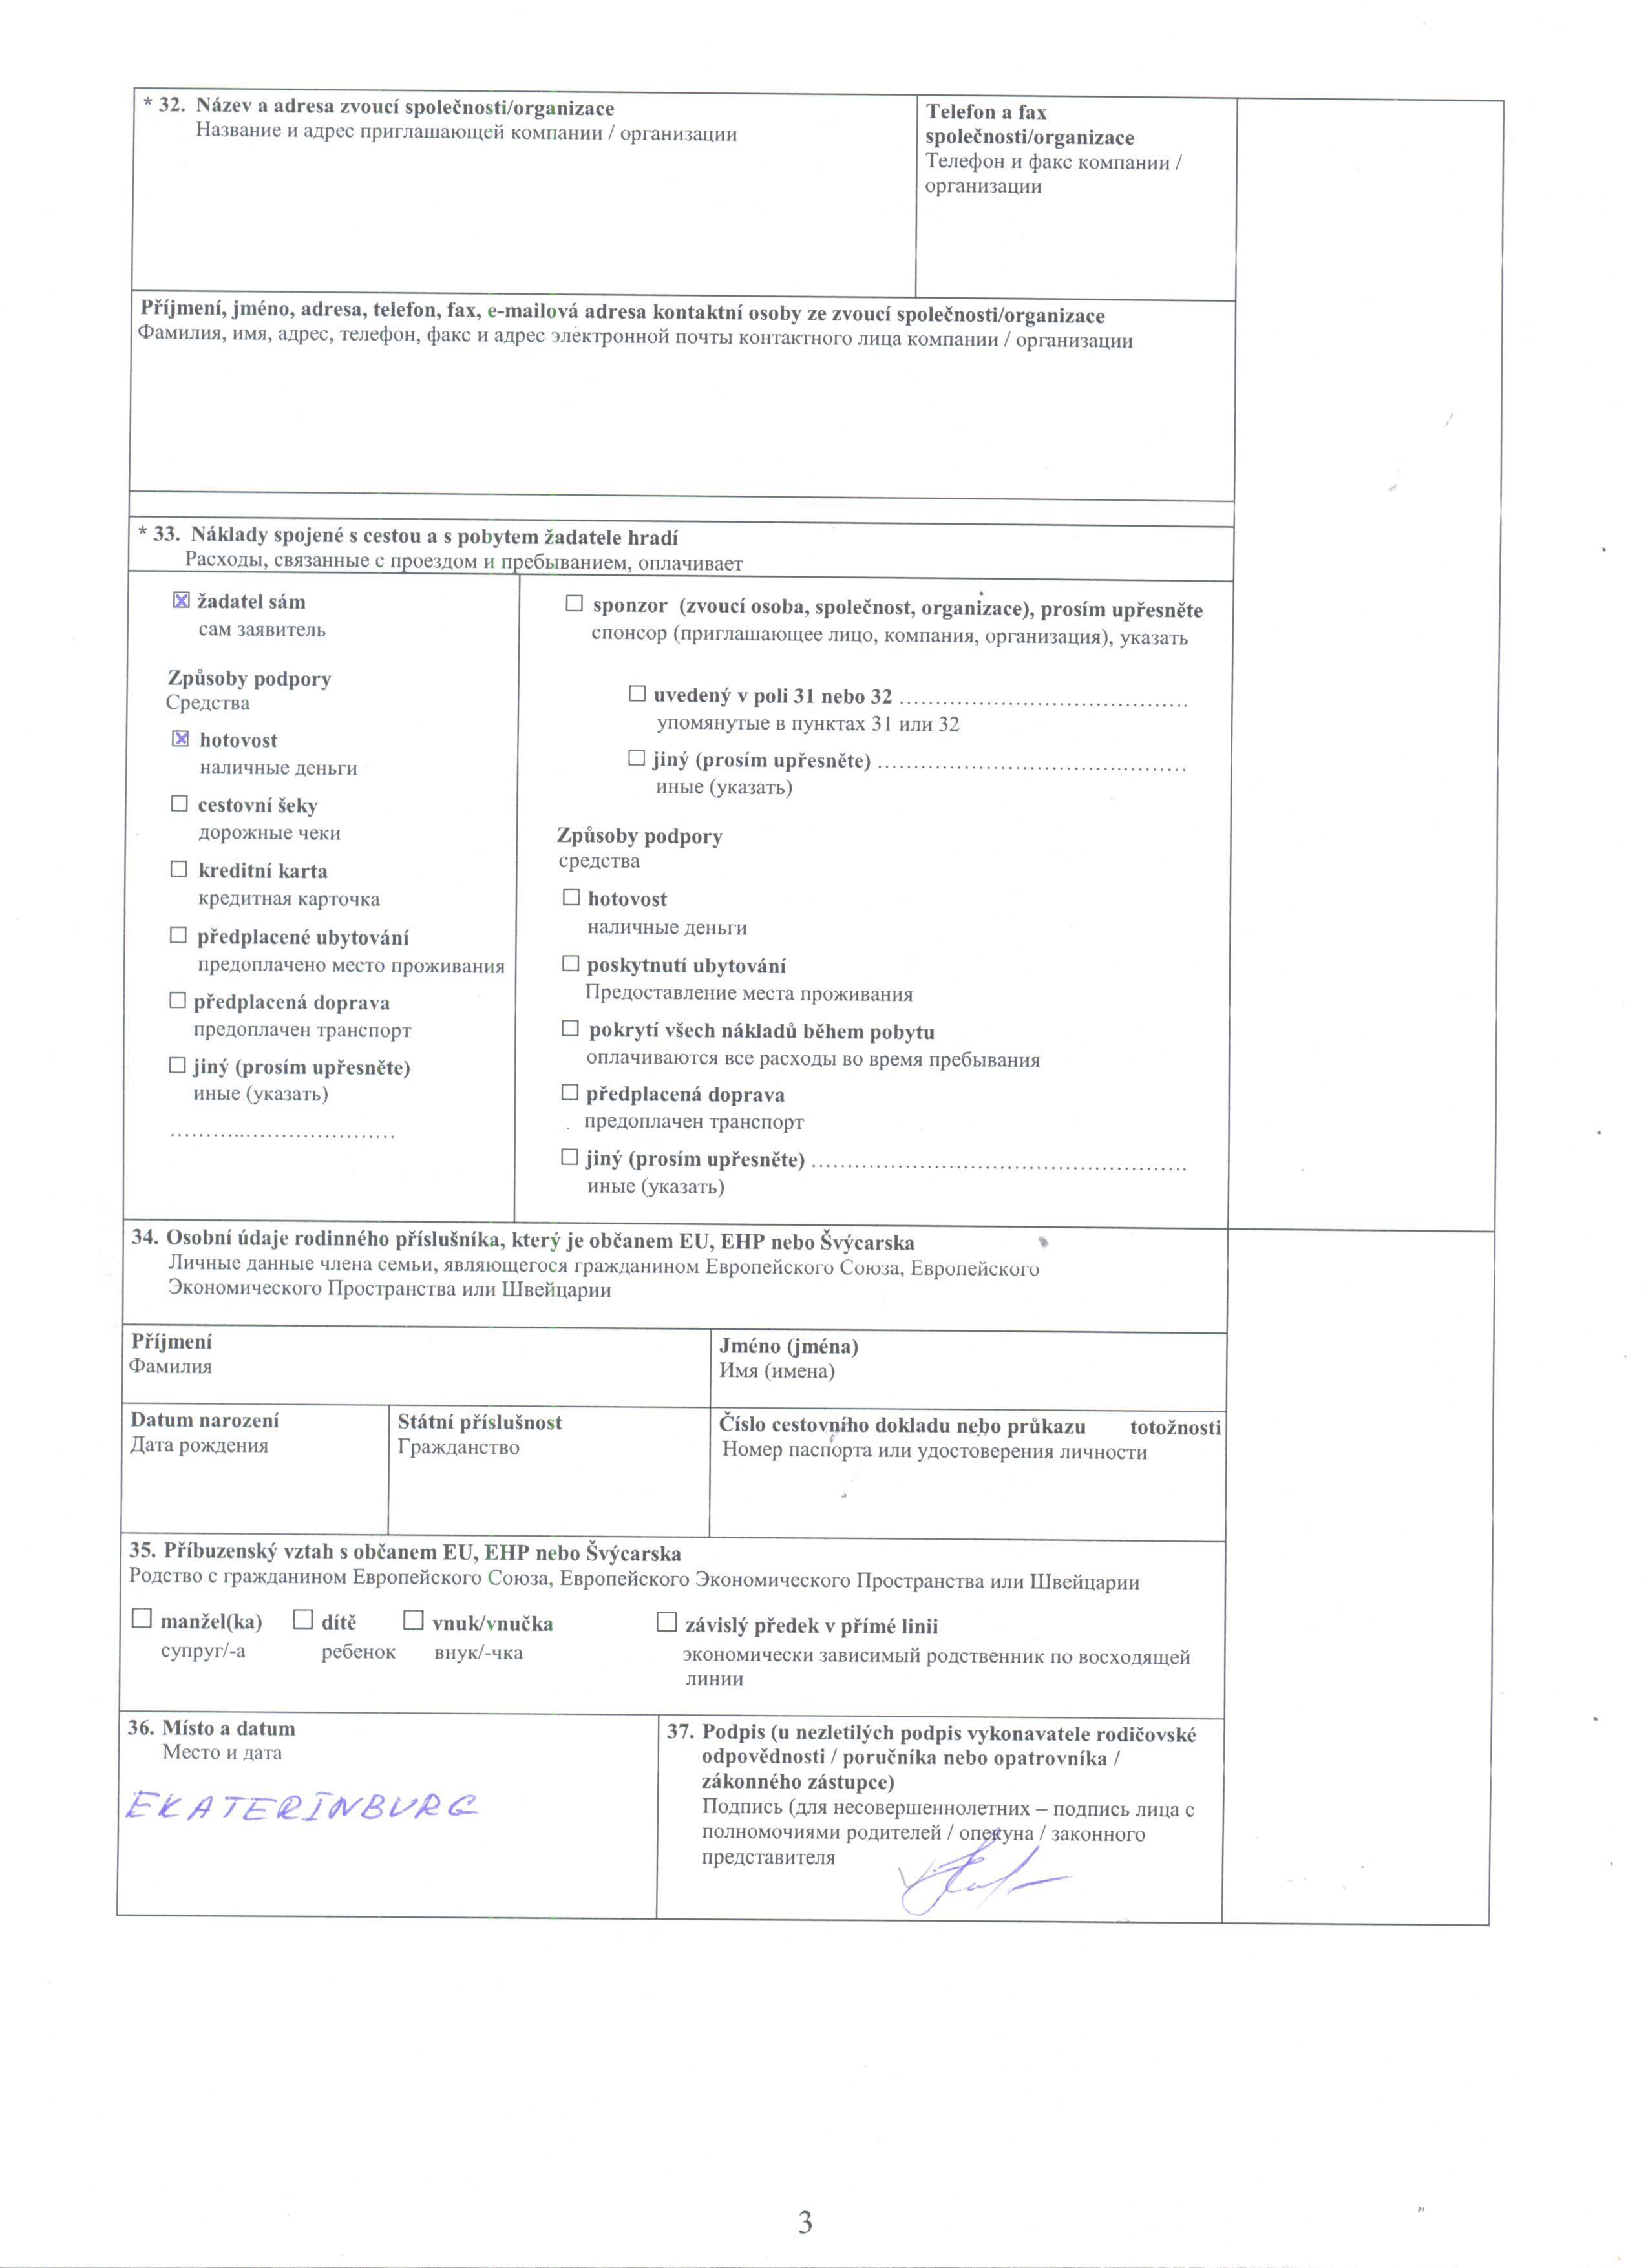 заявление формы 14001 бланк